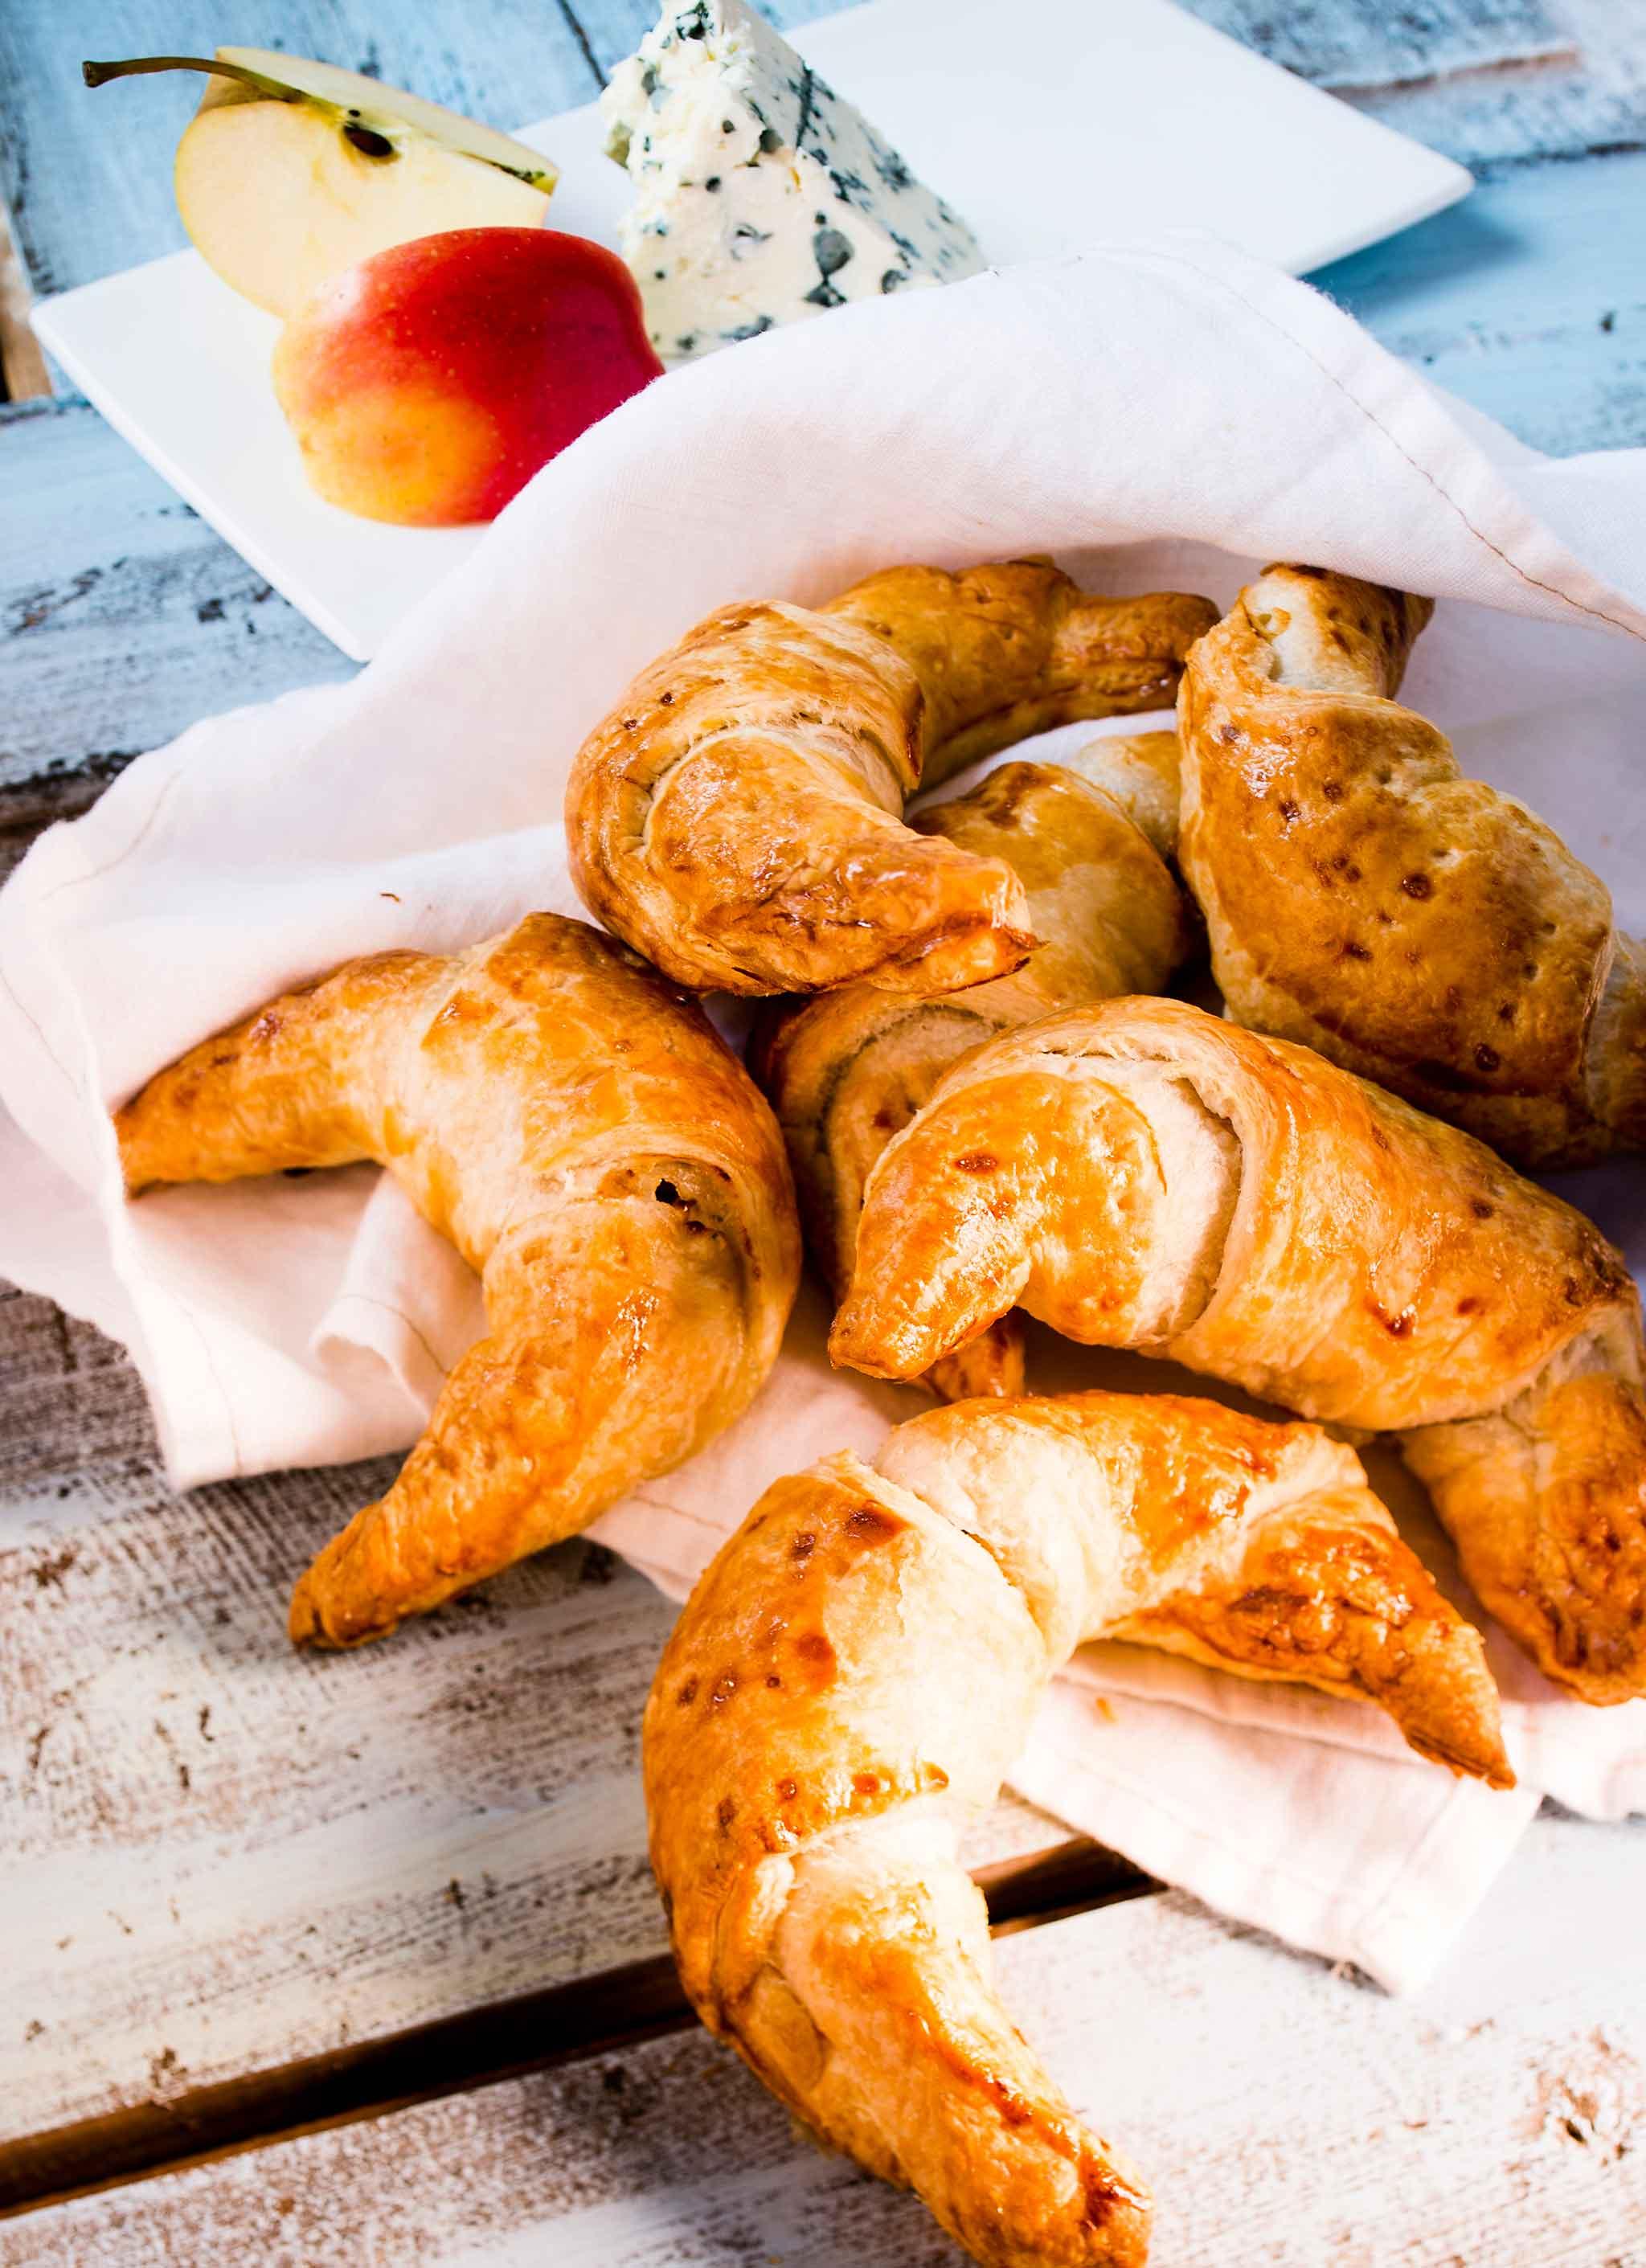 988084-taytetyt_croissantit.jpg